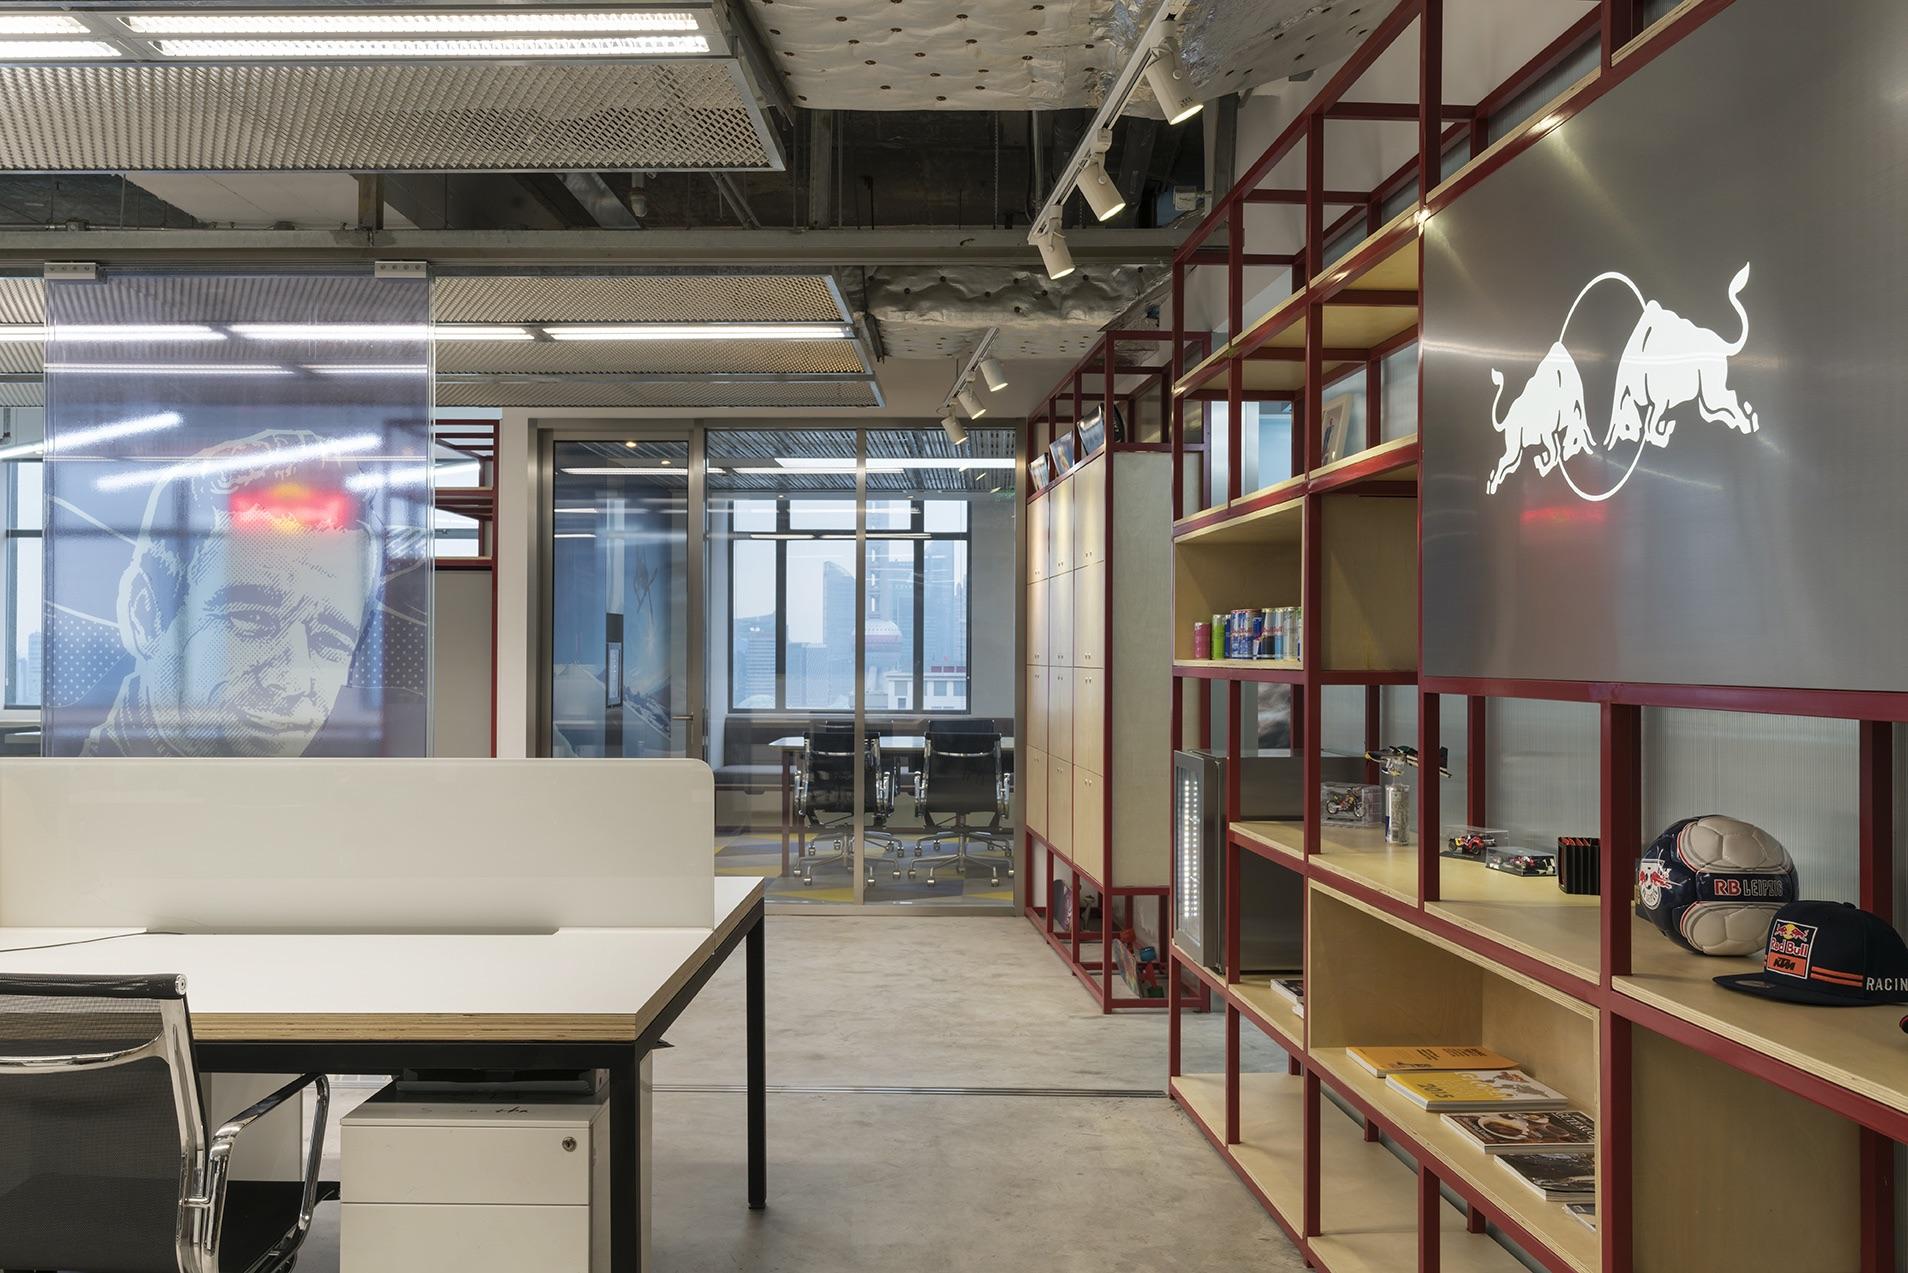 redbull-shanghai-office-9